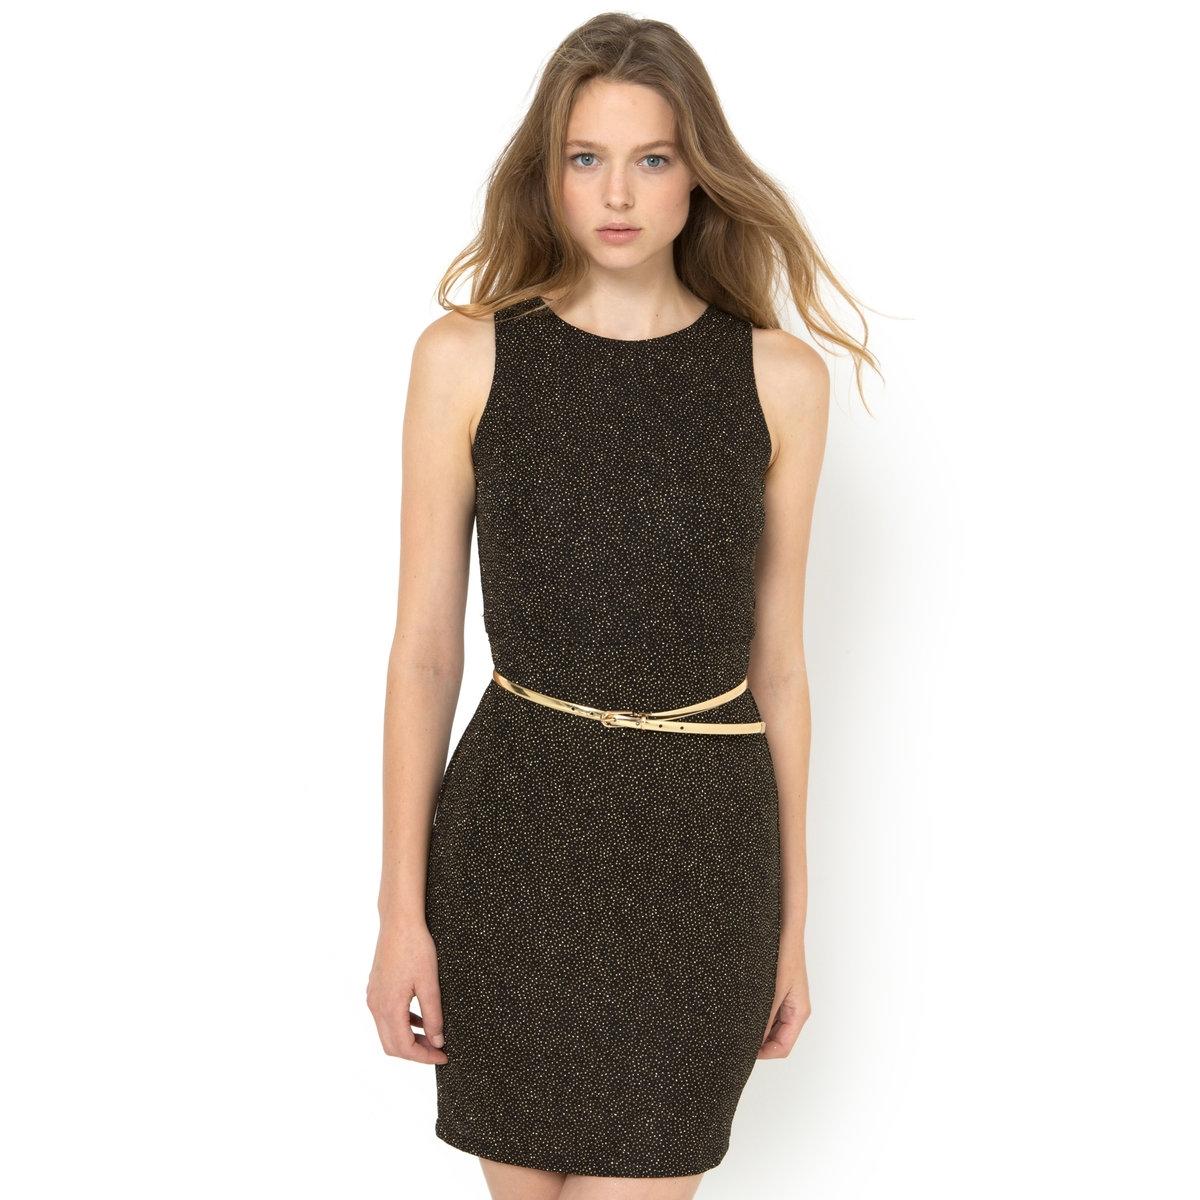 Платье, расшитое блестками, без рукавов с ремнемПлатье - MOLLY BRACKEN. С ремнем золотистого цвета.     Платье, расшитое блестками: 95% полиэстера, 5% эластана.<br><br>Цвет: черный<br>Размер: 2(M)